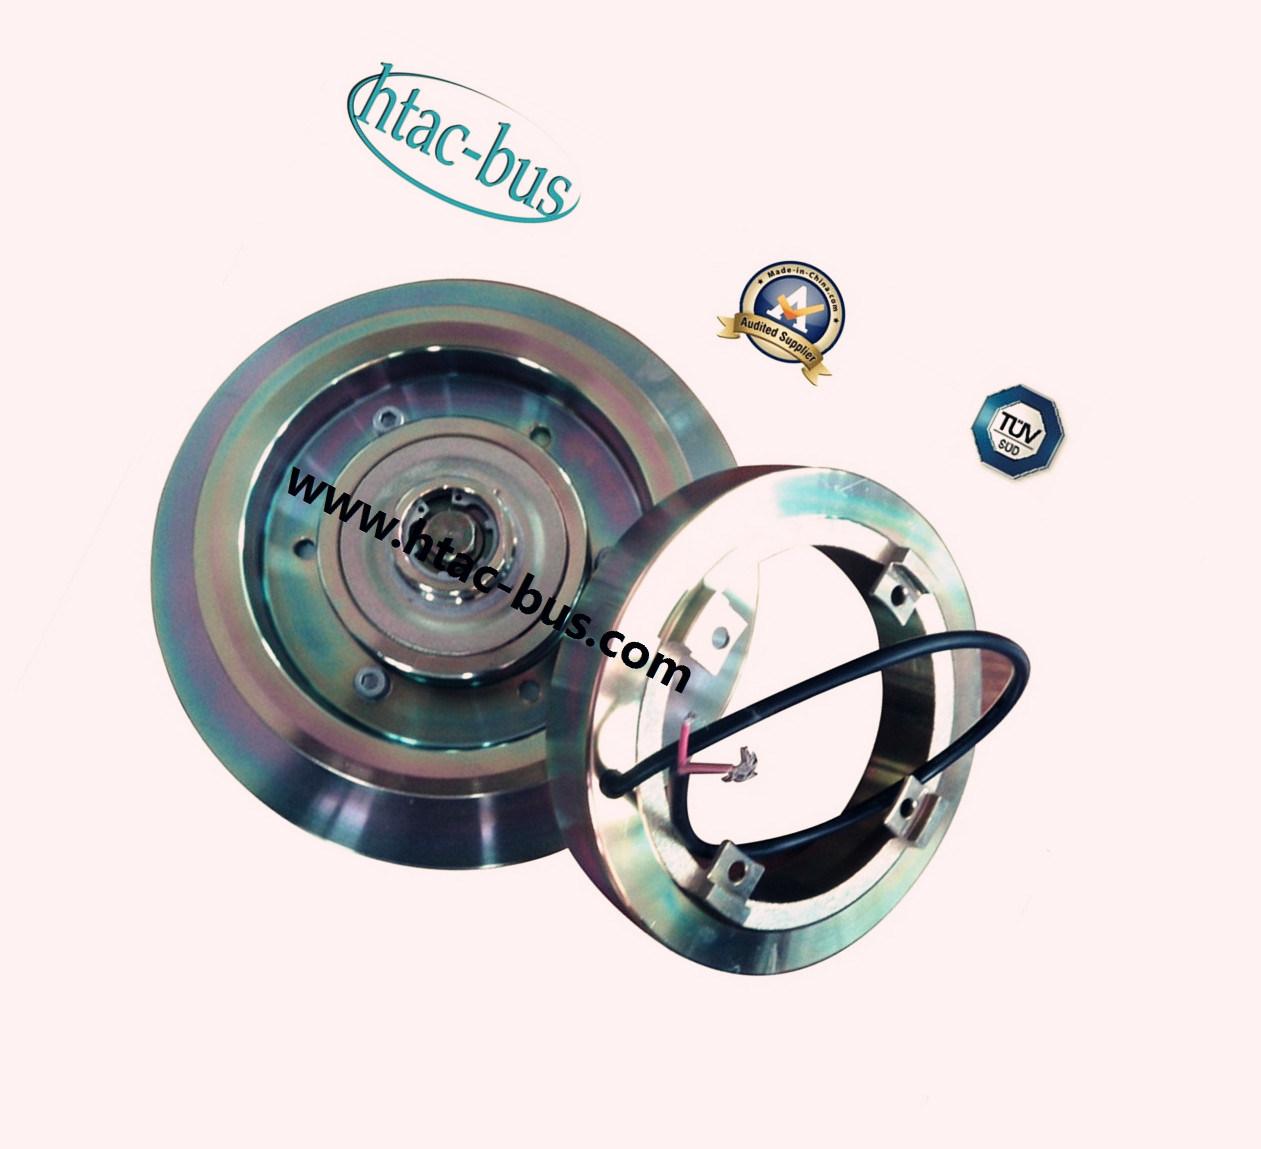 Bock Fkx40 A/C Compressor Clutch 260/200mm South America Market